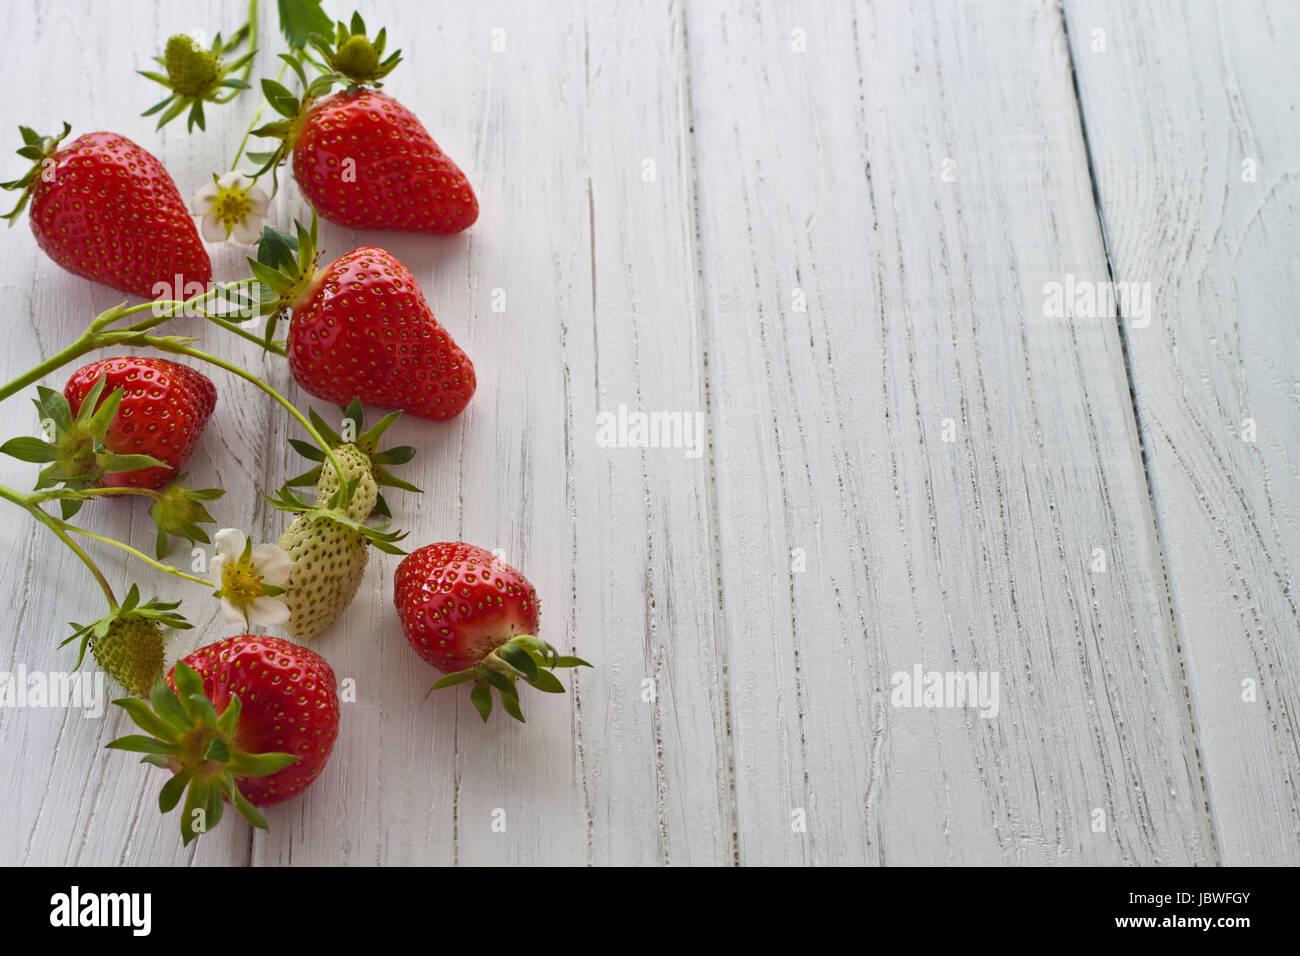 Frisch gepflückte Erdbeeren auf einem weißen Holzuntergrund Stock Photo